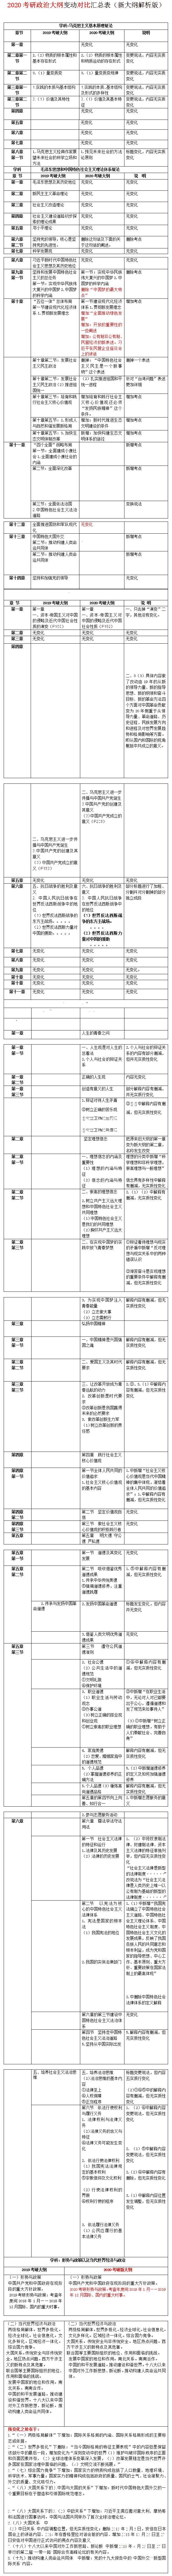 2020考研政治大纲变化对比汇总表